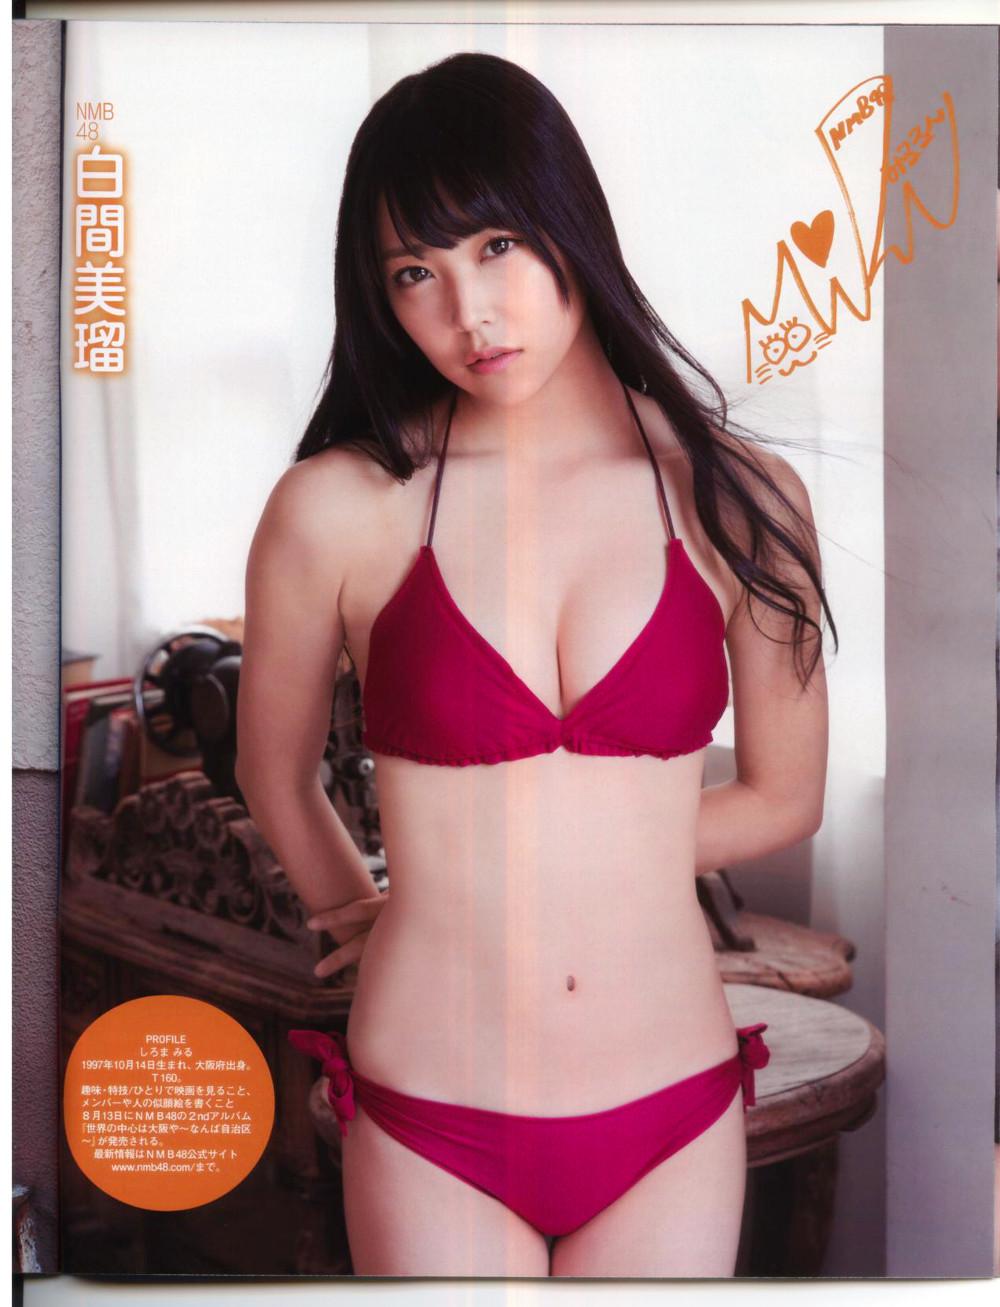 EX大衆2014年9月号 みるるん  (1)